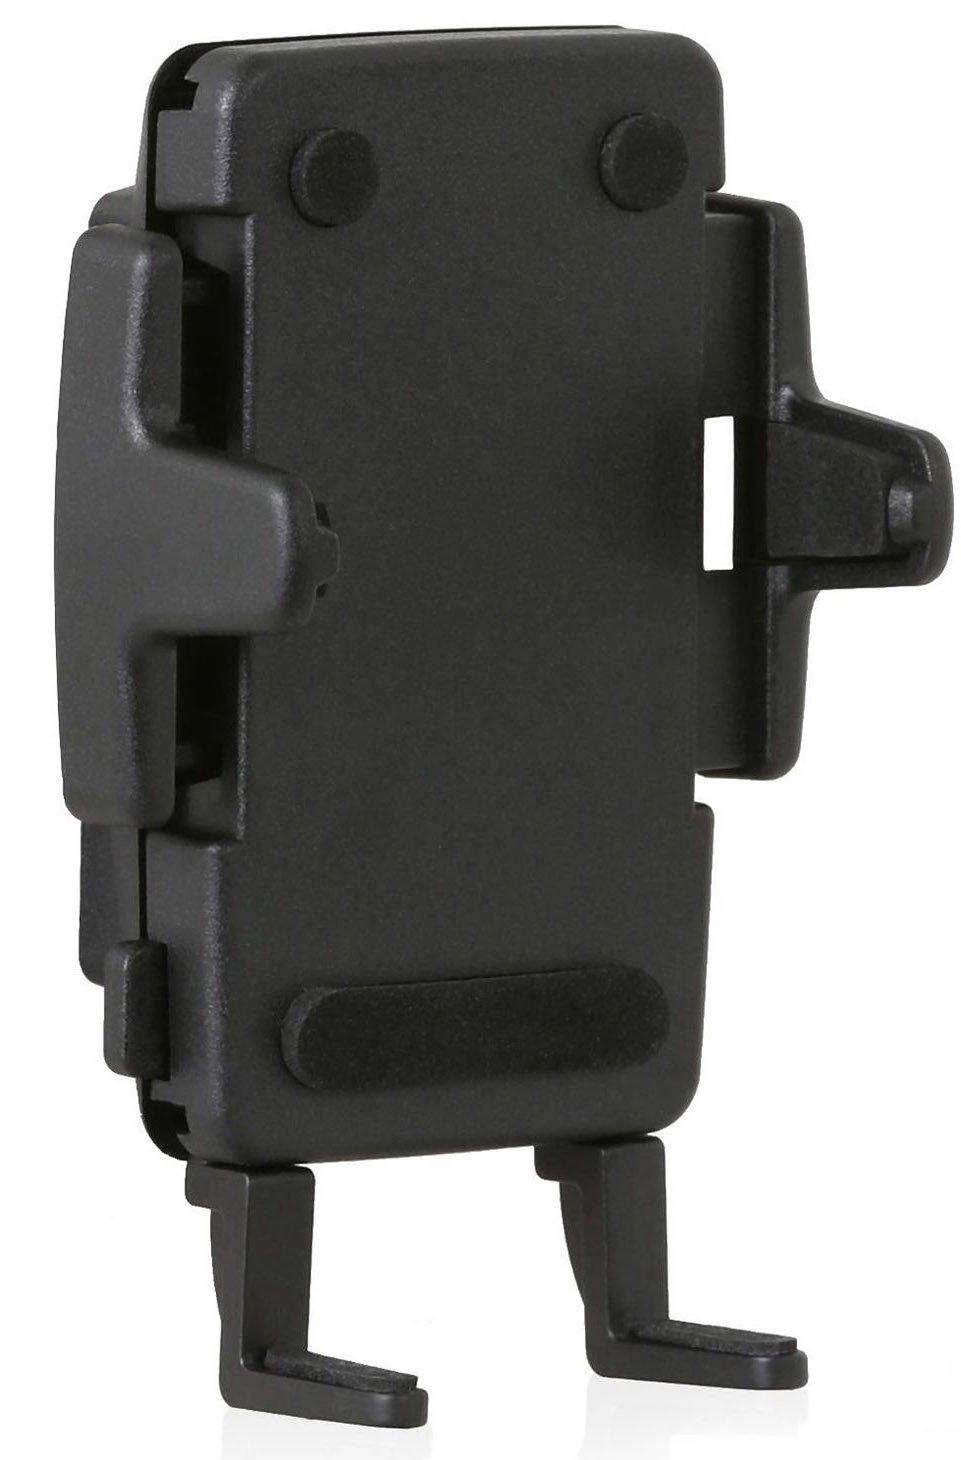 Wicked Chili UniGrip - Soporte de coche para móviles (ajustable), negro: Amazon.es: Electrónica